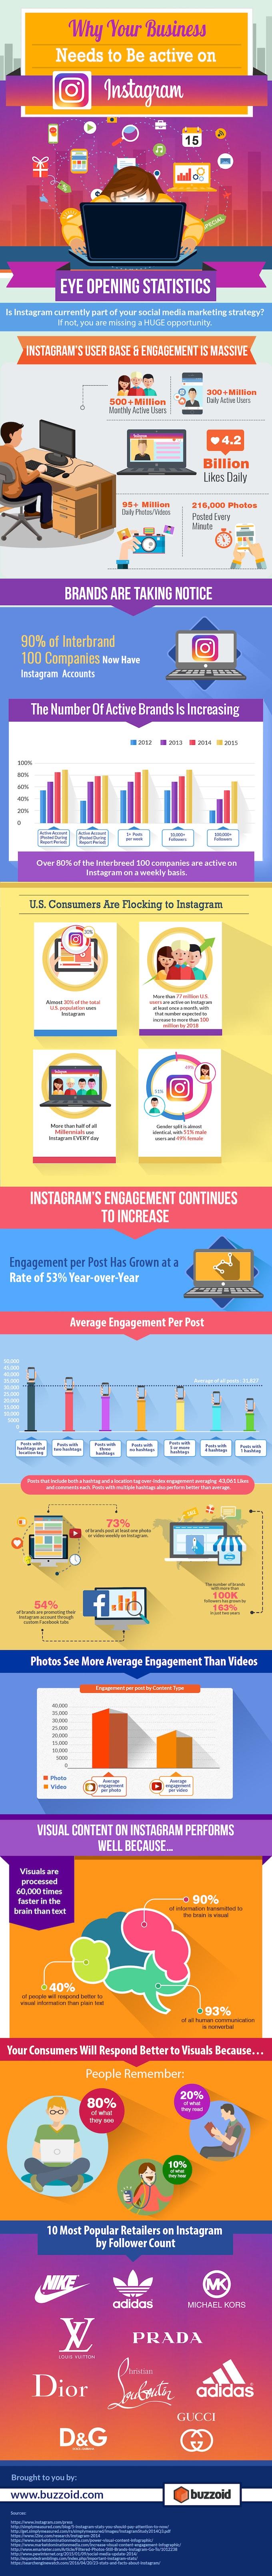 Buzzoid Instagram Infographic' width='680px